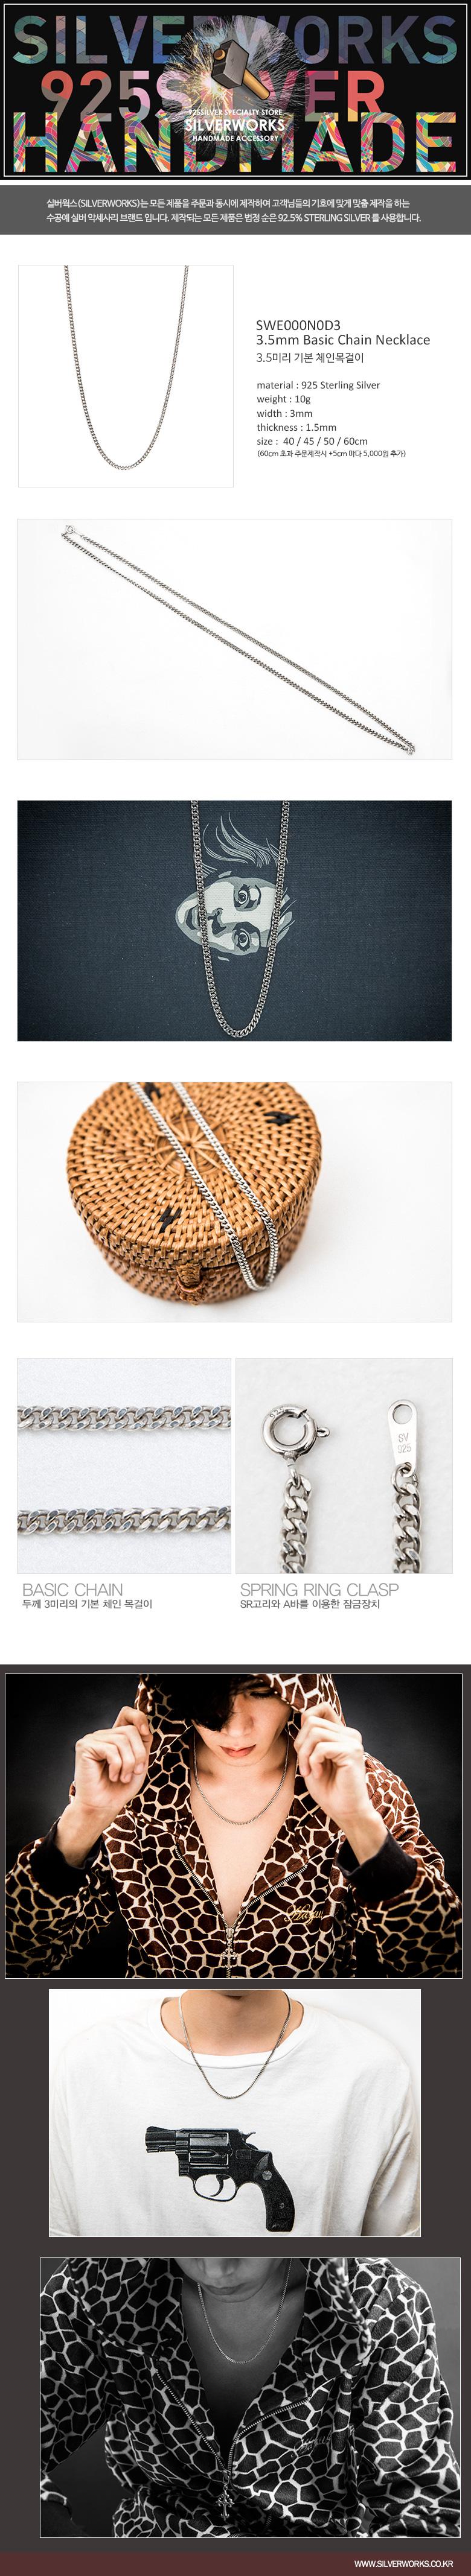 3mm 체인목걸이 SWE000N0D3 - 실버웍스, 50,000원, 남성주얼리, 목걸이